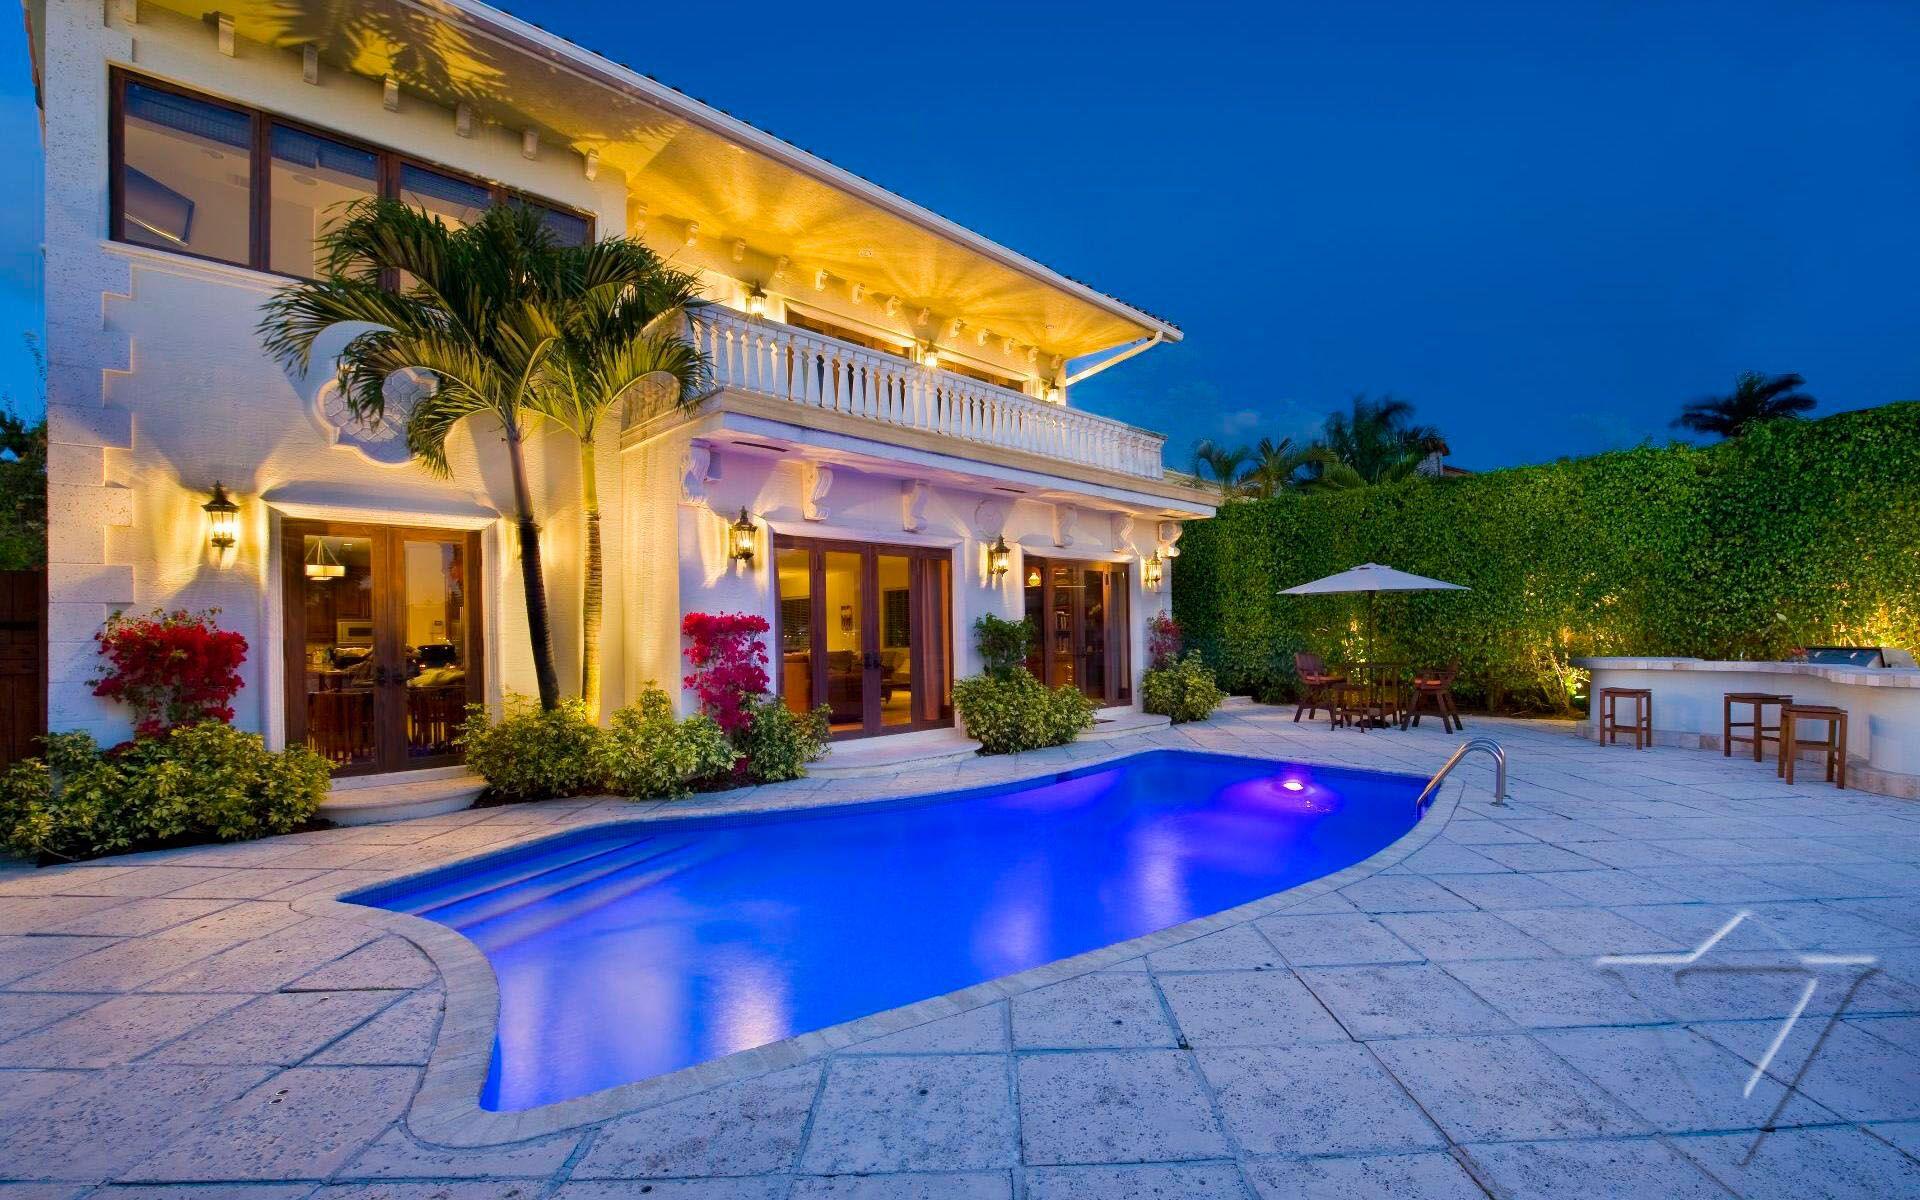 Villa San Michele In Miami Usa White Blancmange